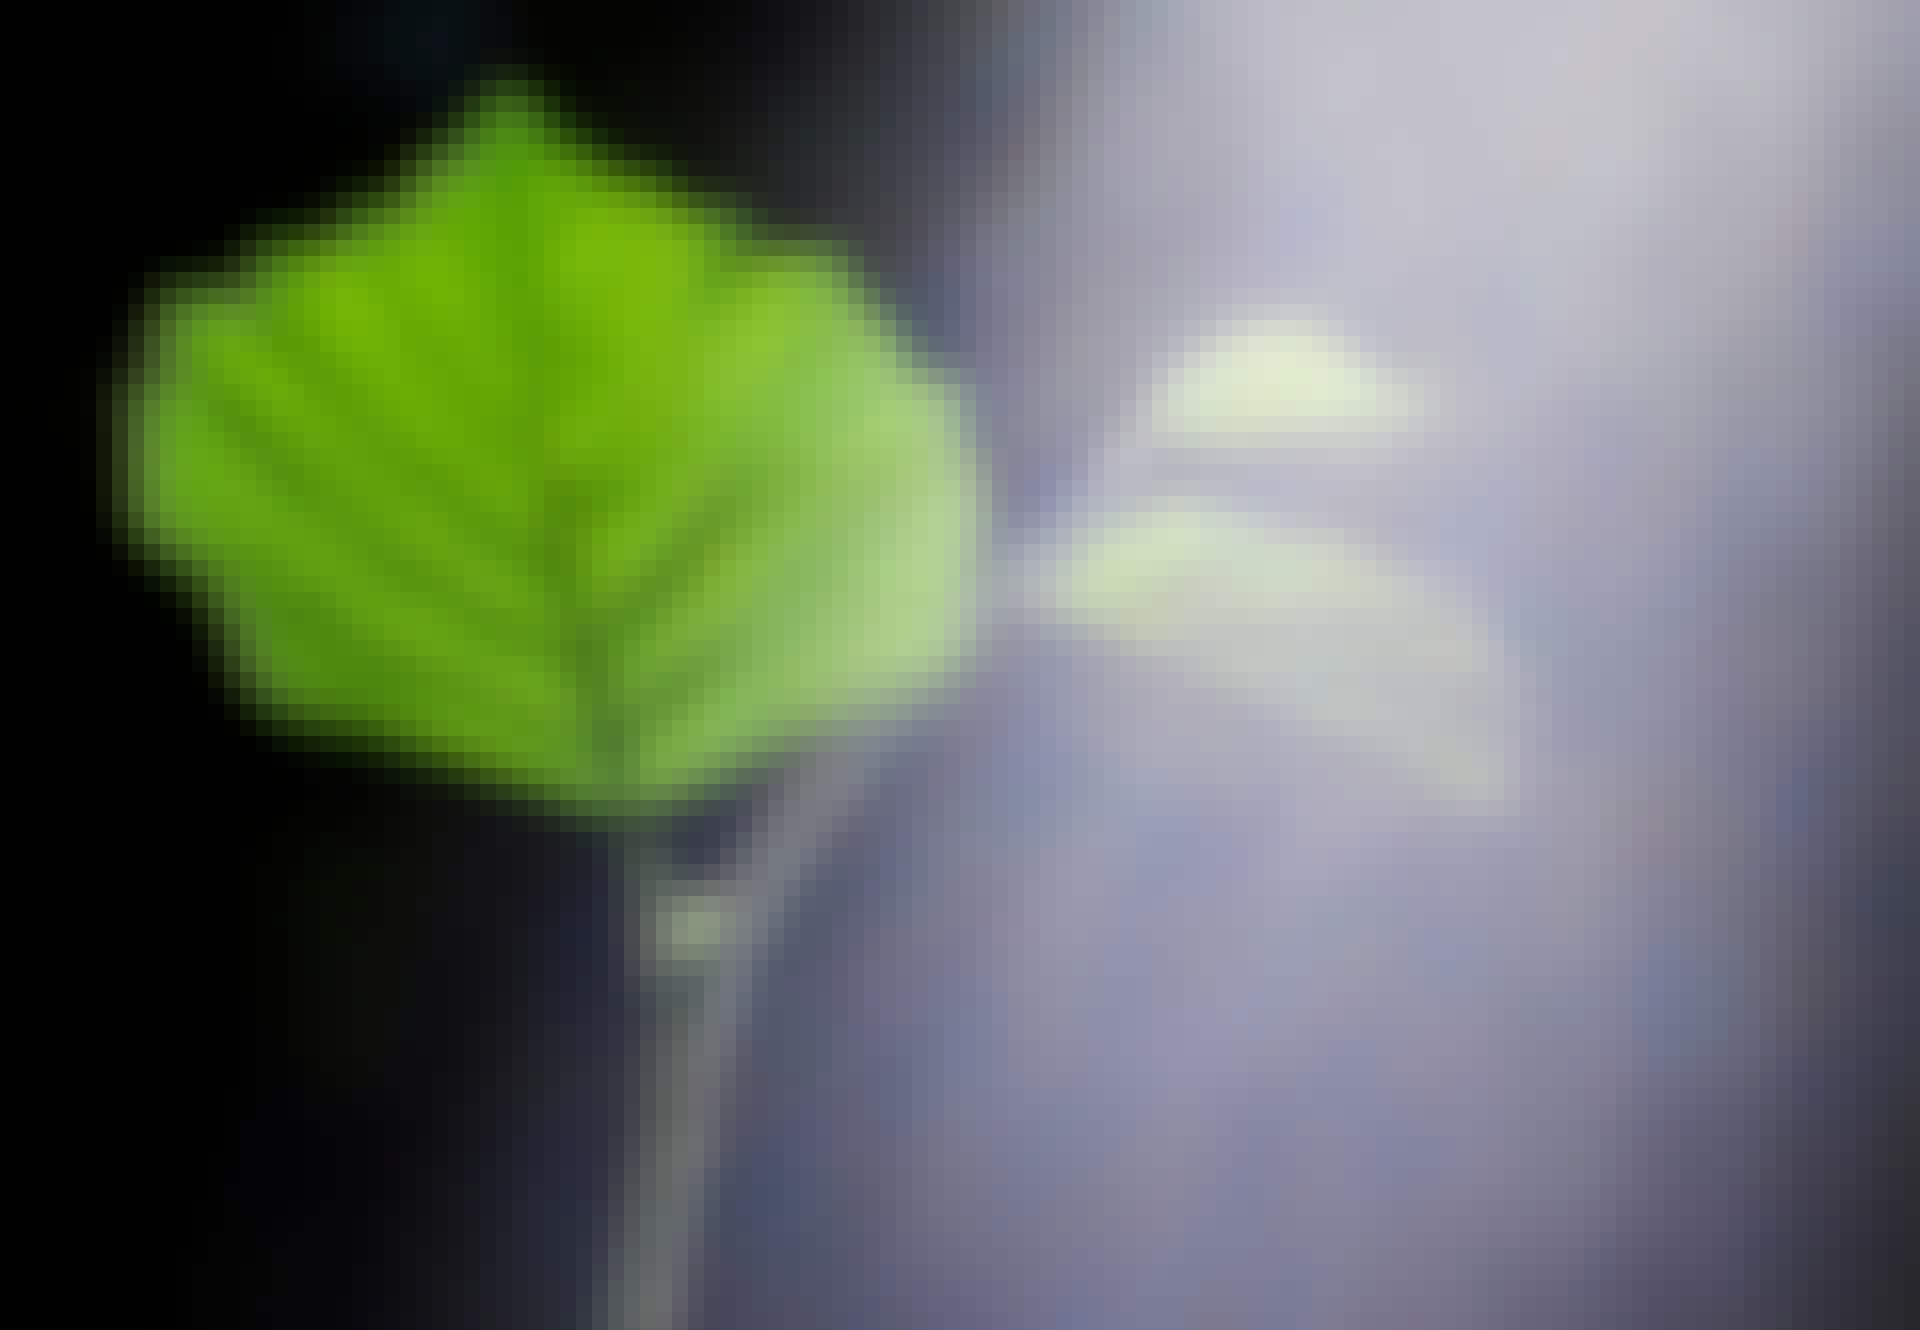 Solljus på ett blad - fotosyntes